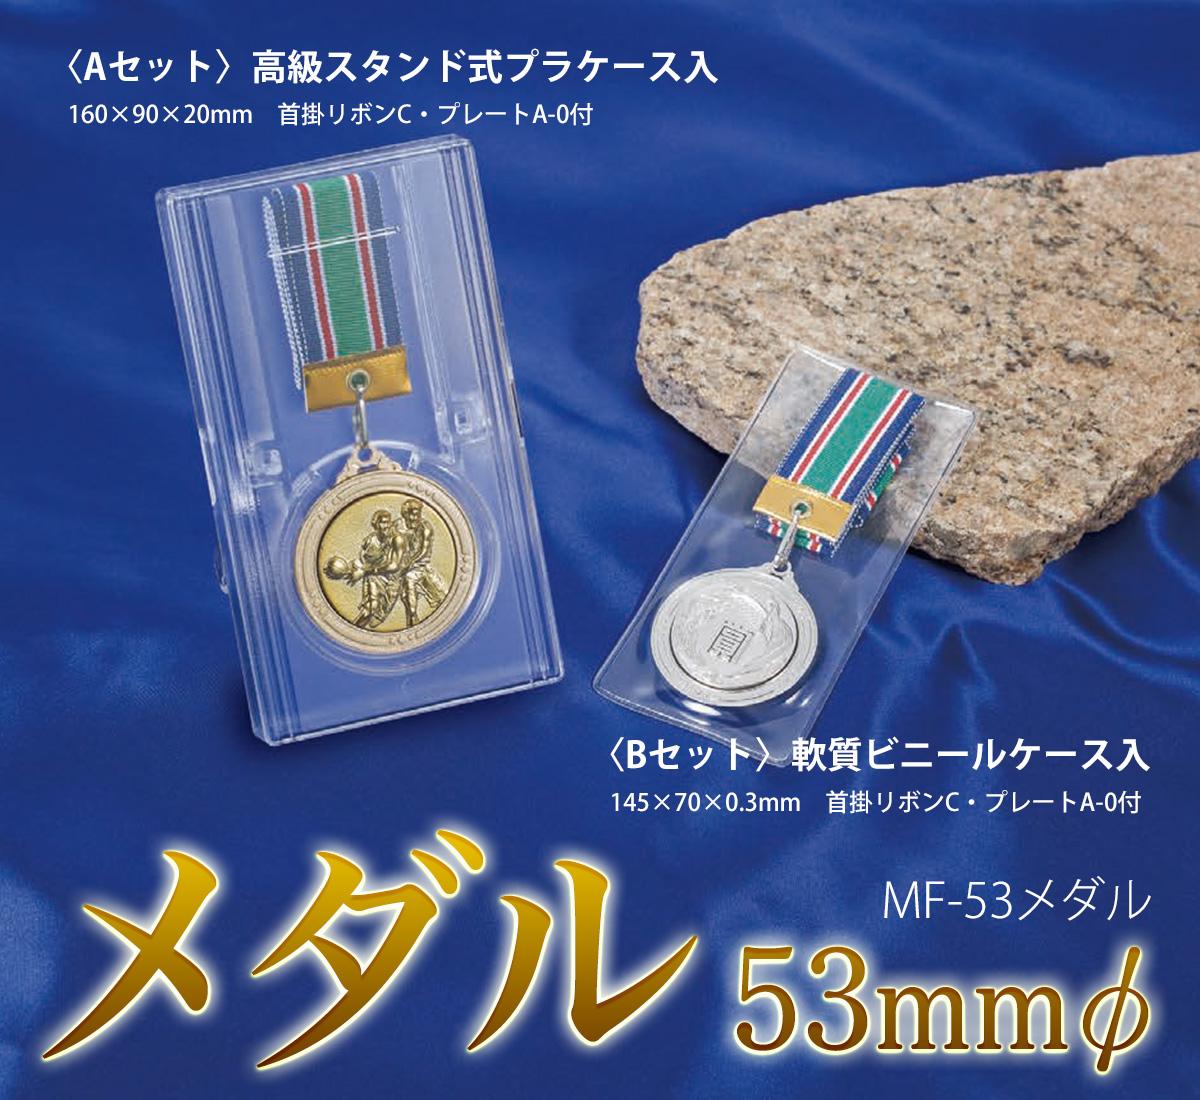 メダル 53mmφ MFメダル画像